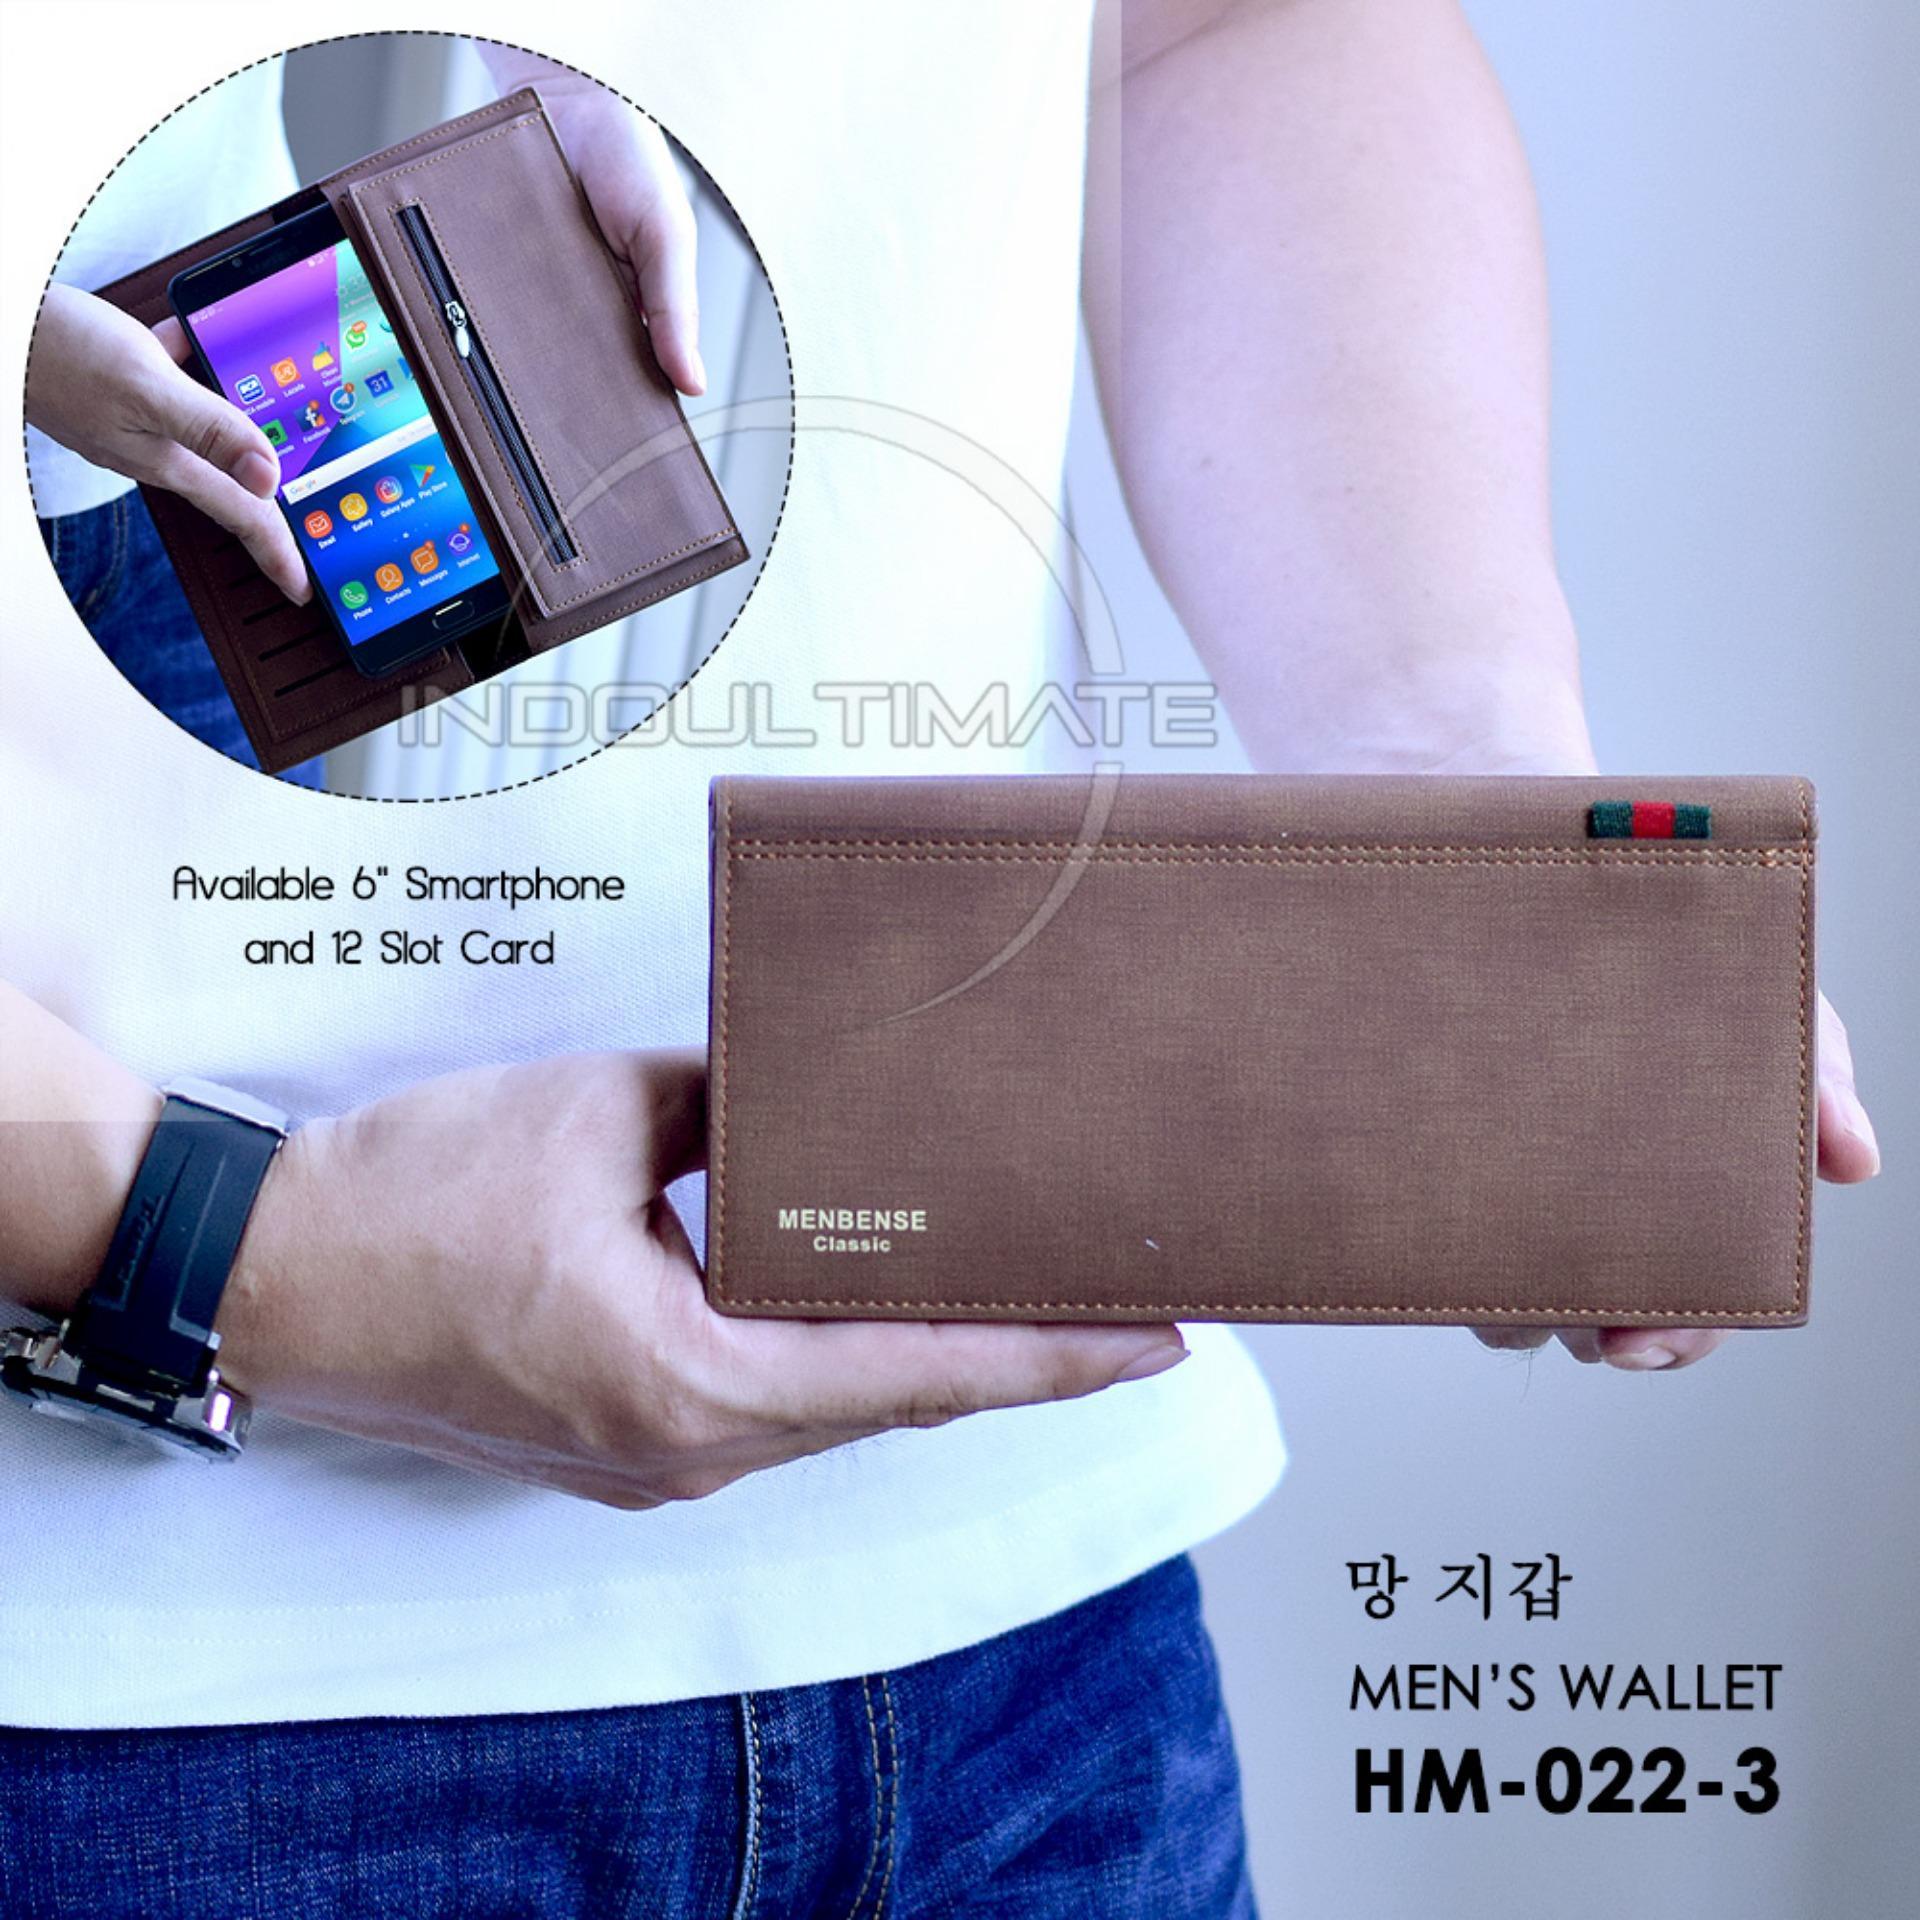 Ultimate Dompet Pria HM-022-3 / Dompet Cowok Kartu ATM Panjang Lipat Import Murah